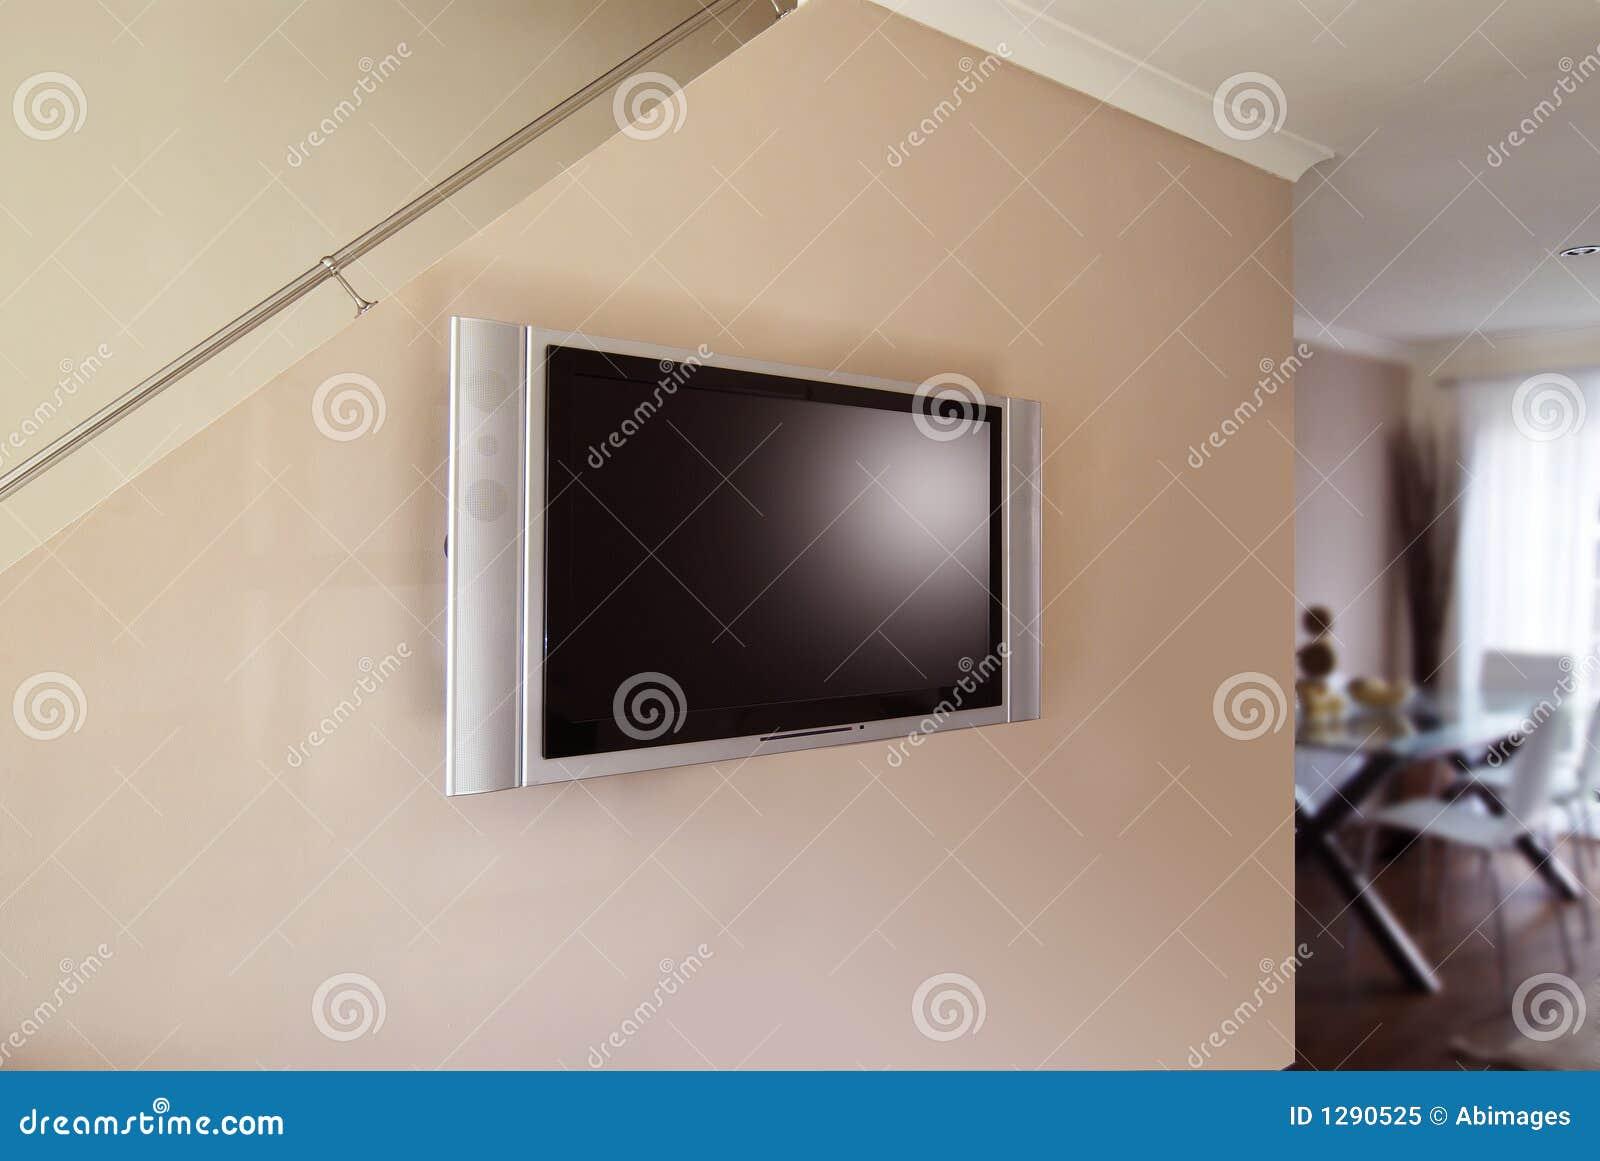 Affichage à cristaux liquides ou plasma TV